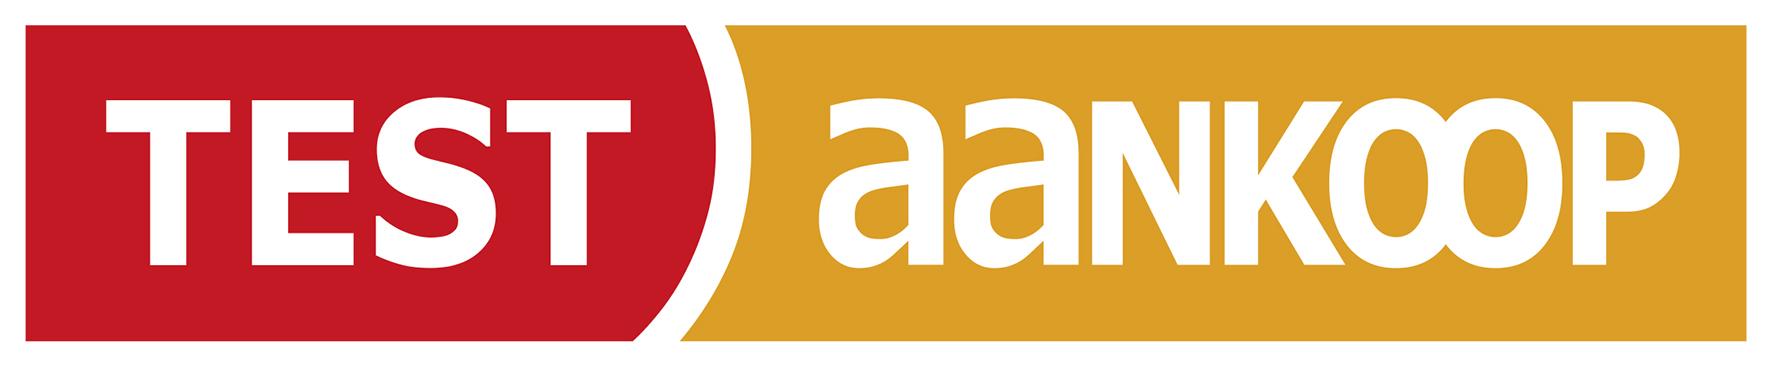 logo_testaankoop.jpg